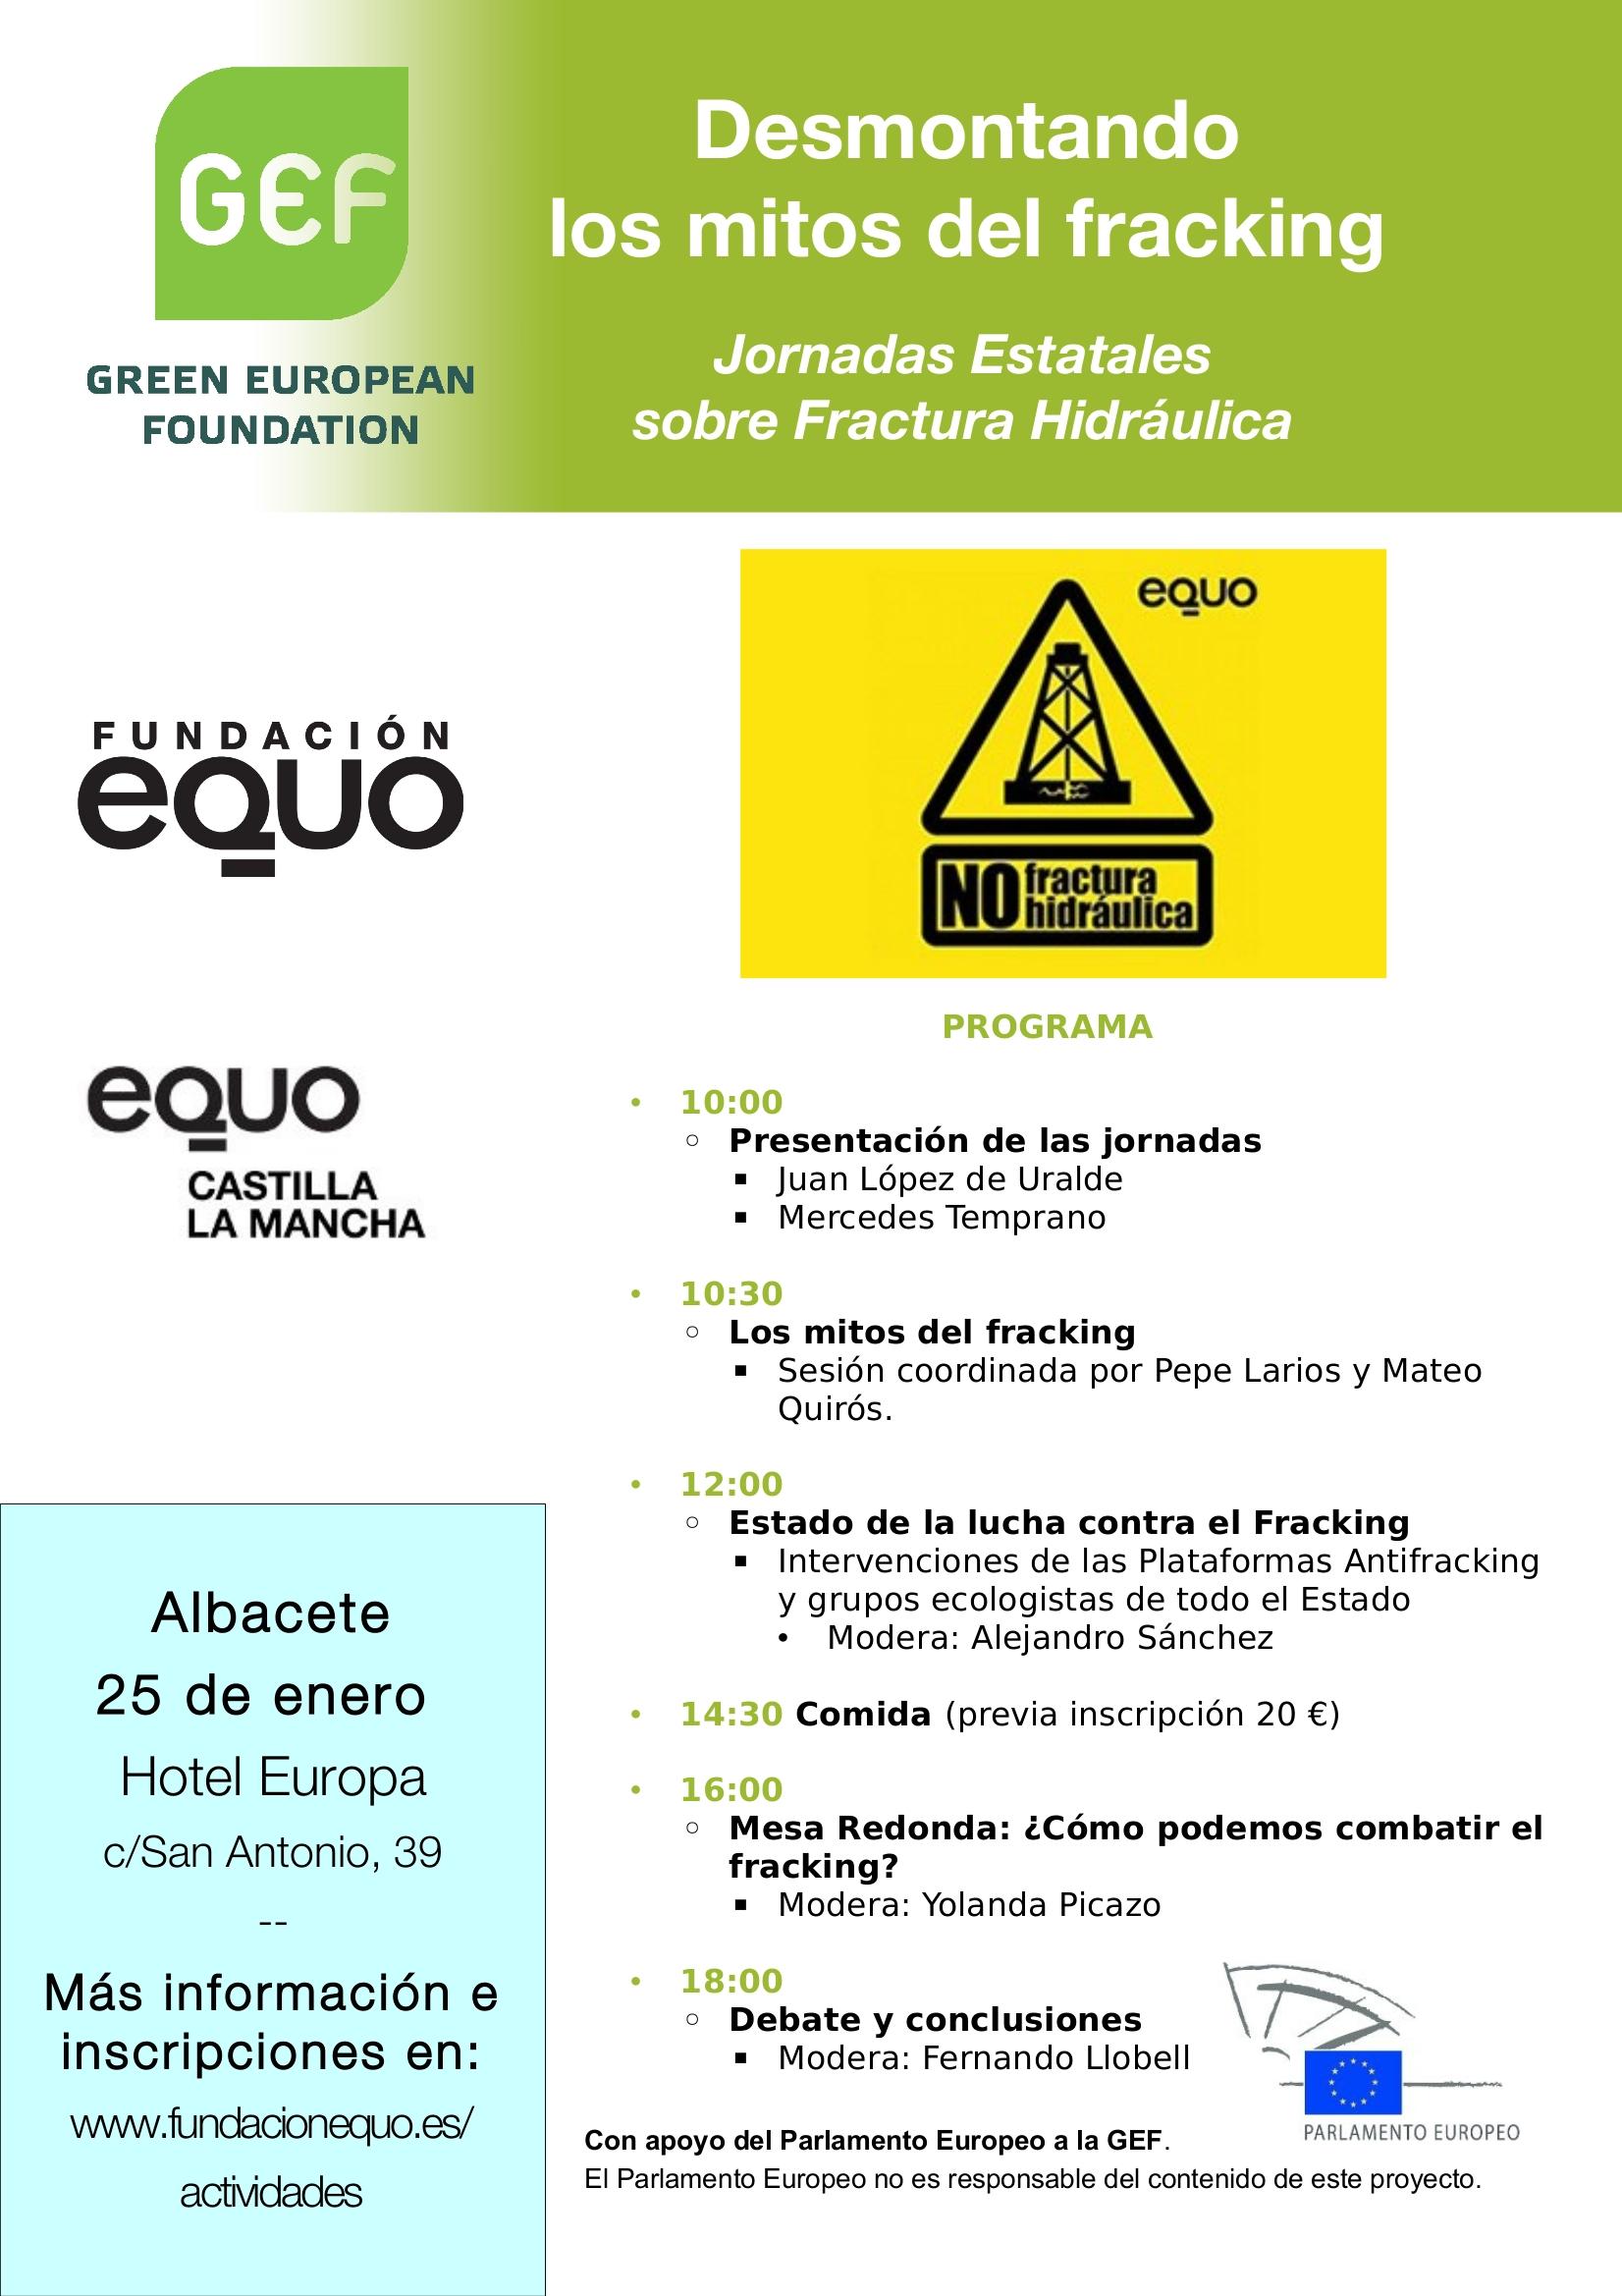 Jornadas Estatales sobre Fractura Hidráulica: DESMONTANDO LOS MITOS DEL FRACKING